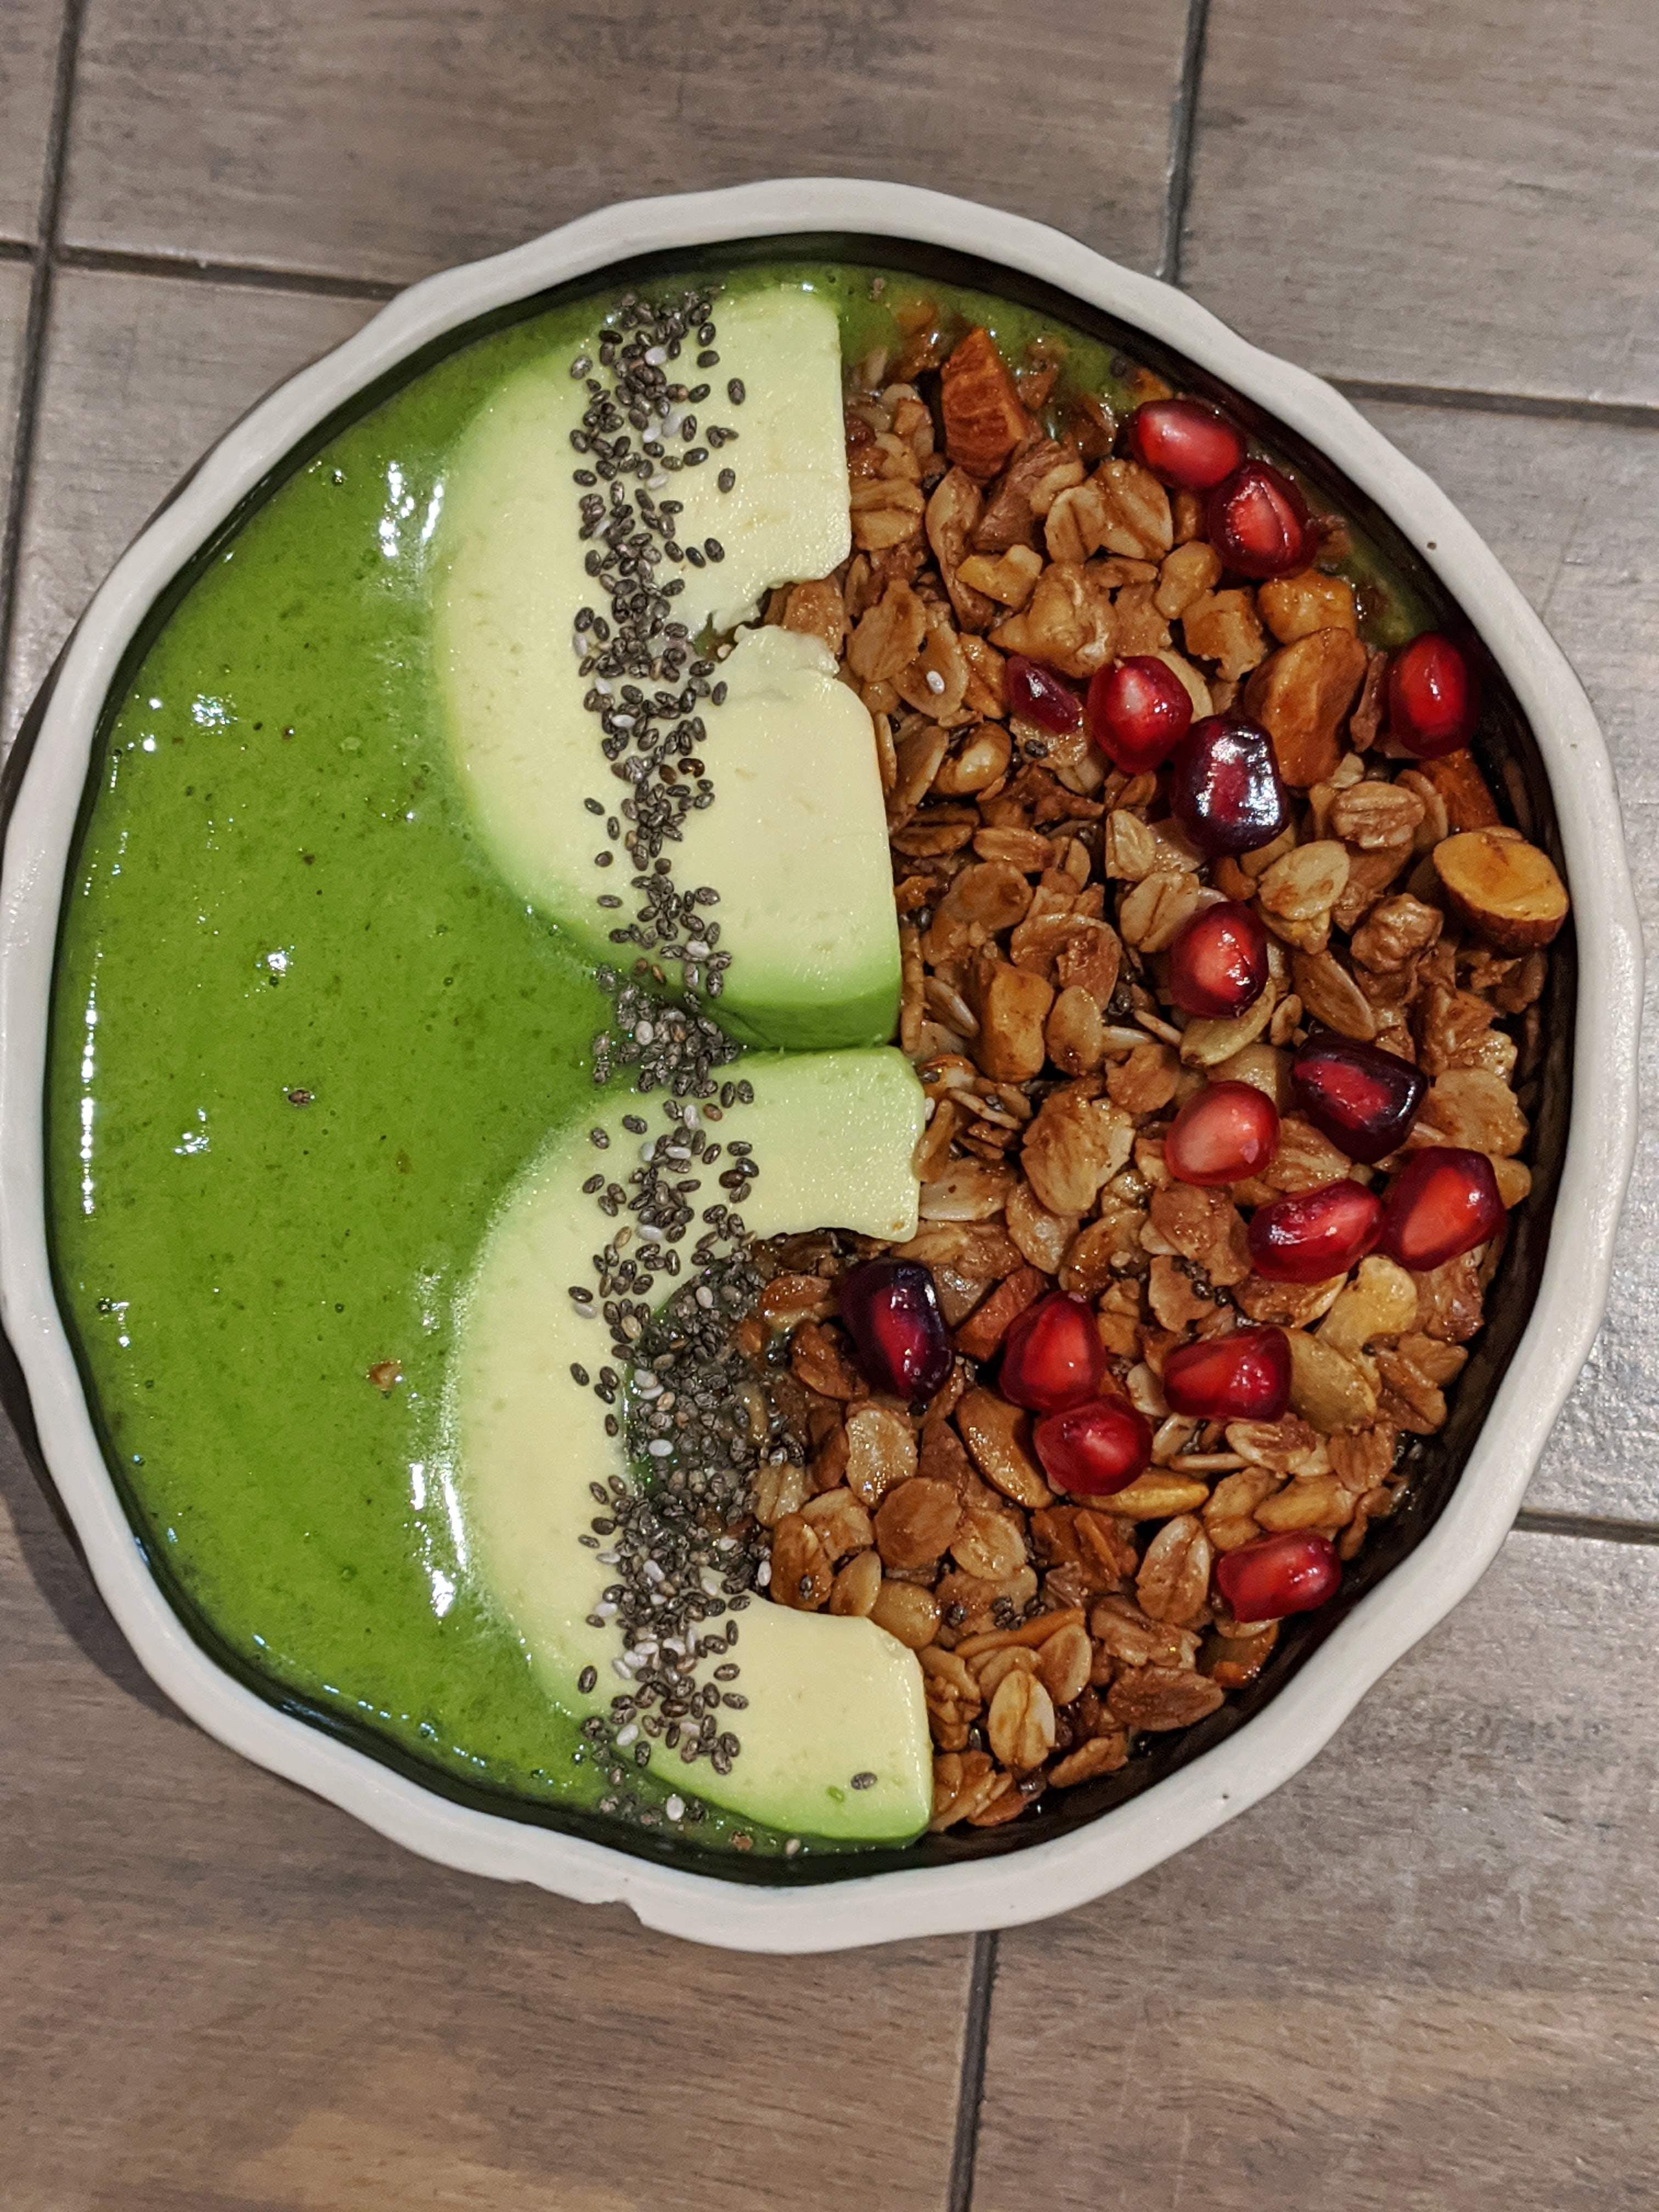 Food,Dish,Cuisine,Meal,Superfood,Ingredient,Vegetarian food,Breakfast cereal,Breakfast,Snack